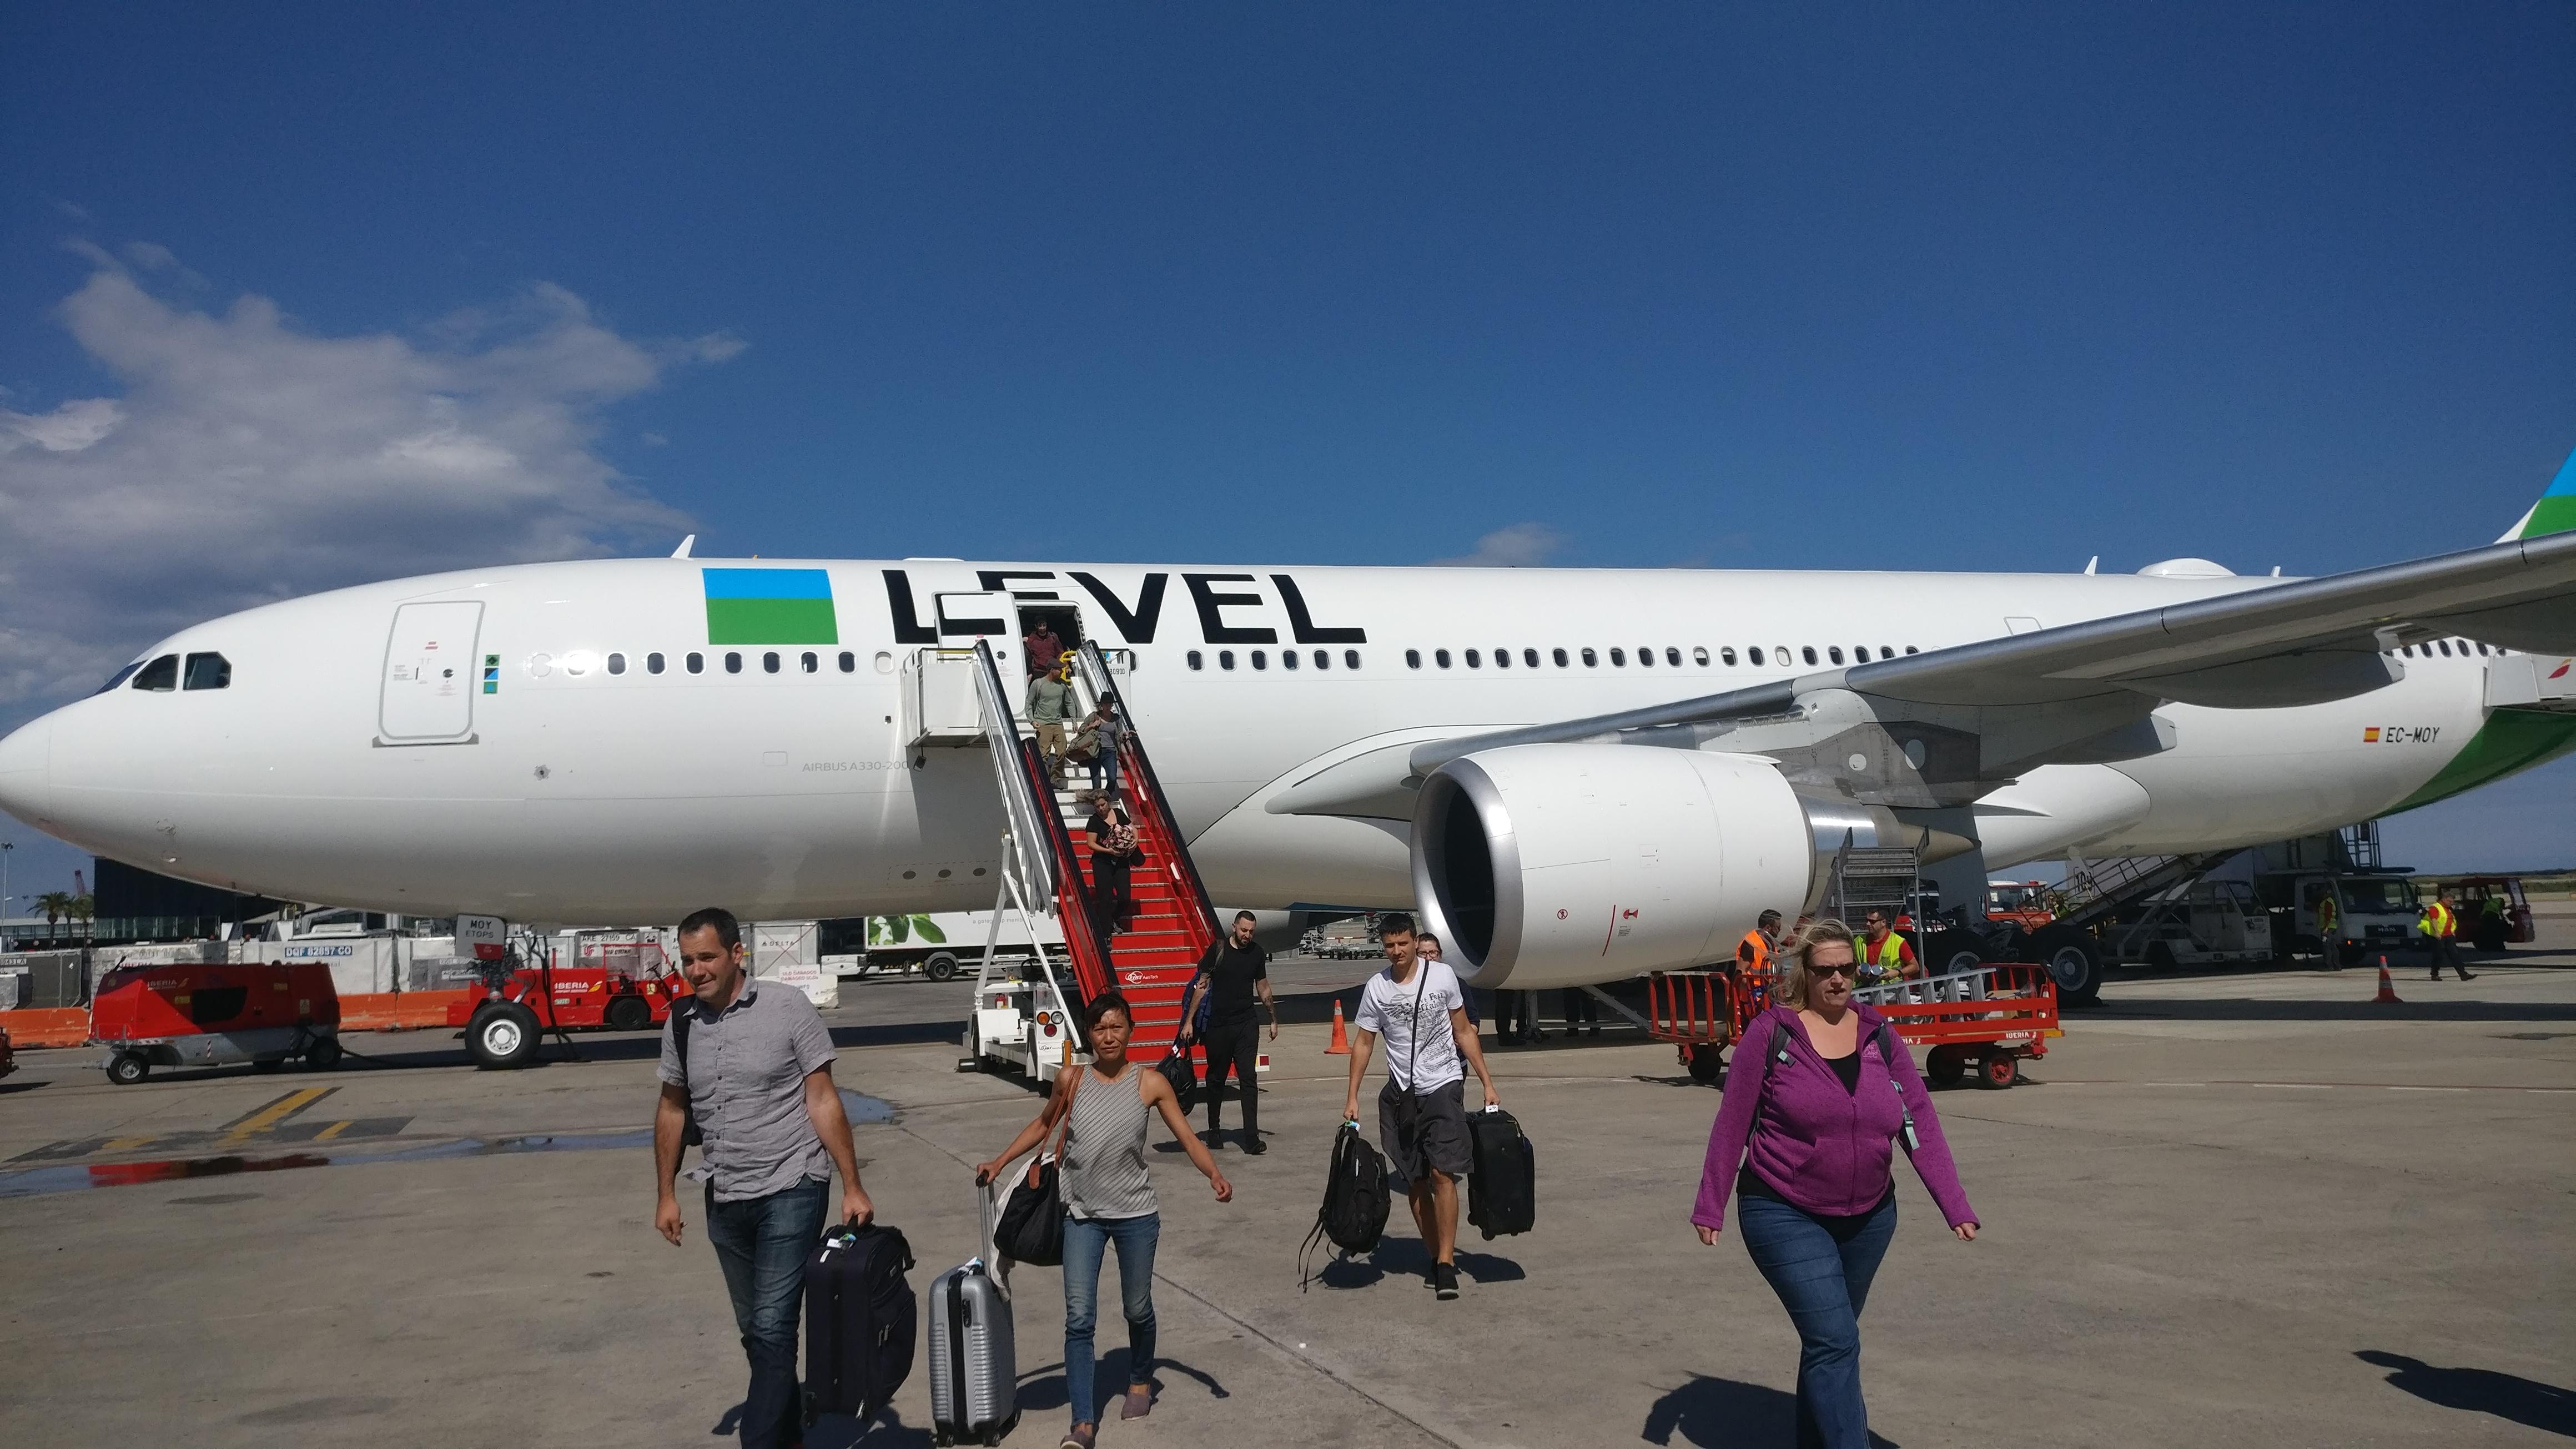 Flight Review Level Airlines Ib 2622 Premium Economy Oak